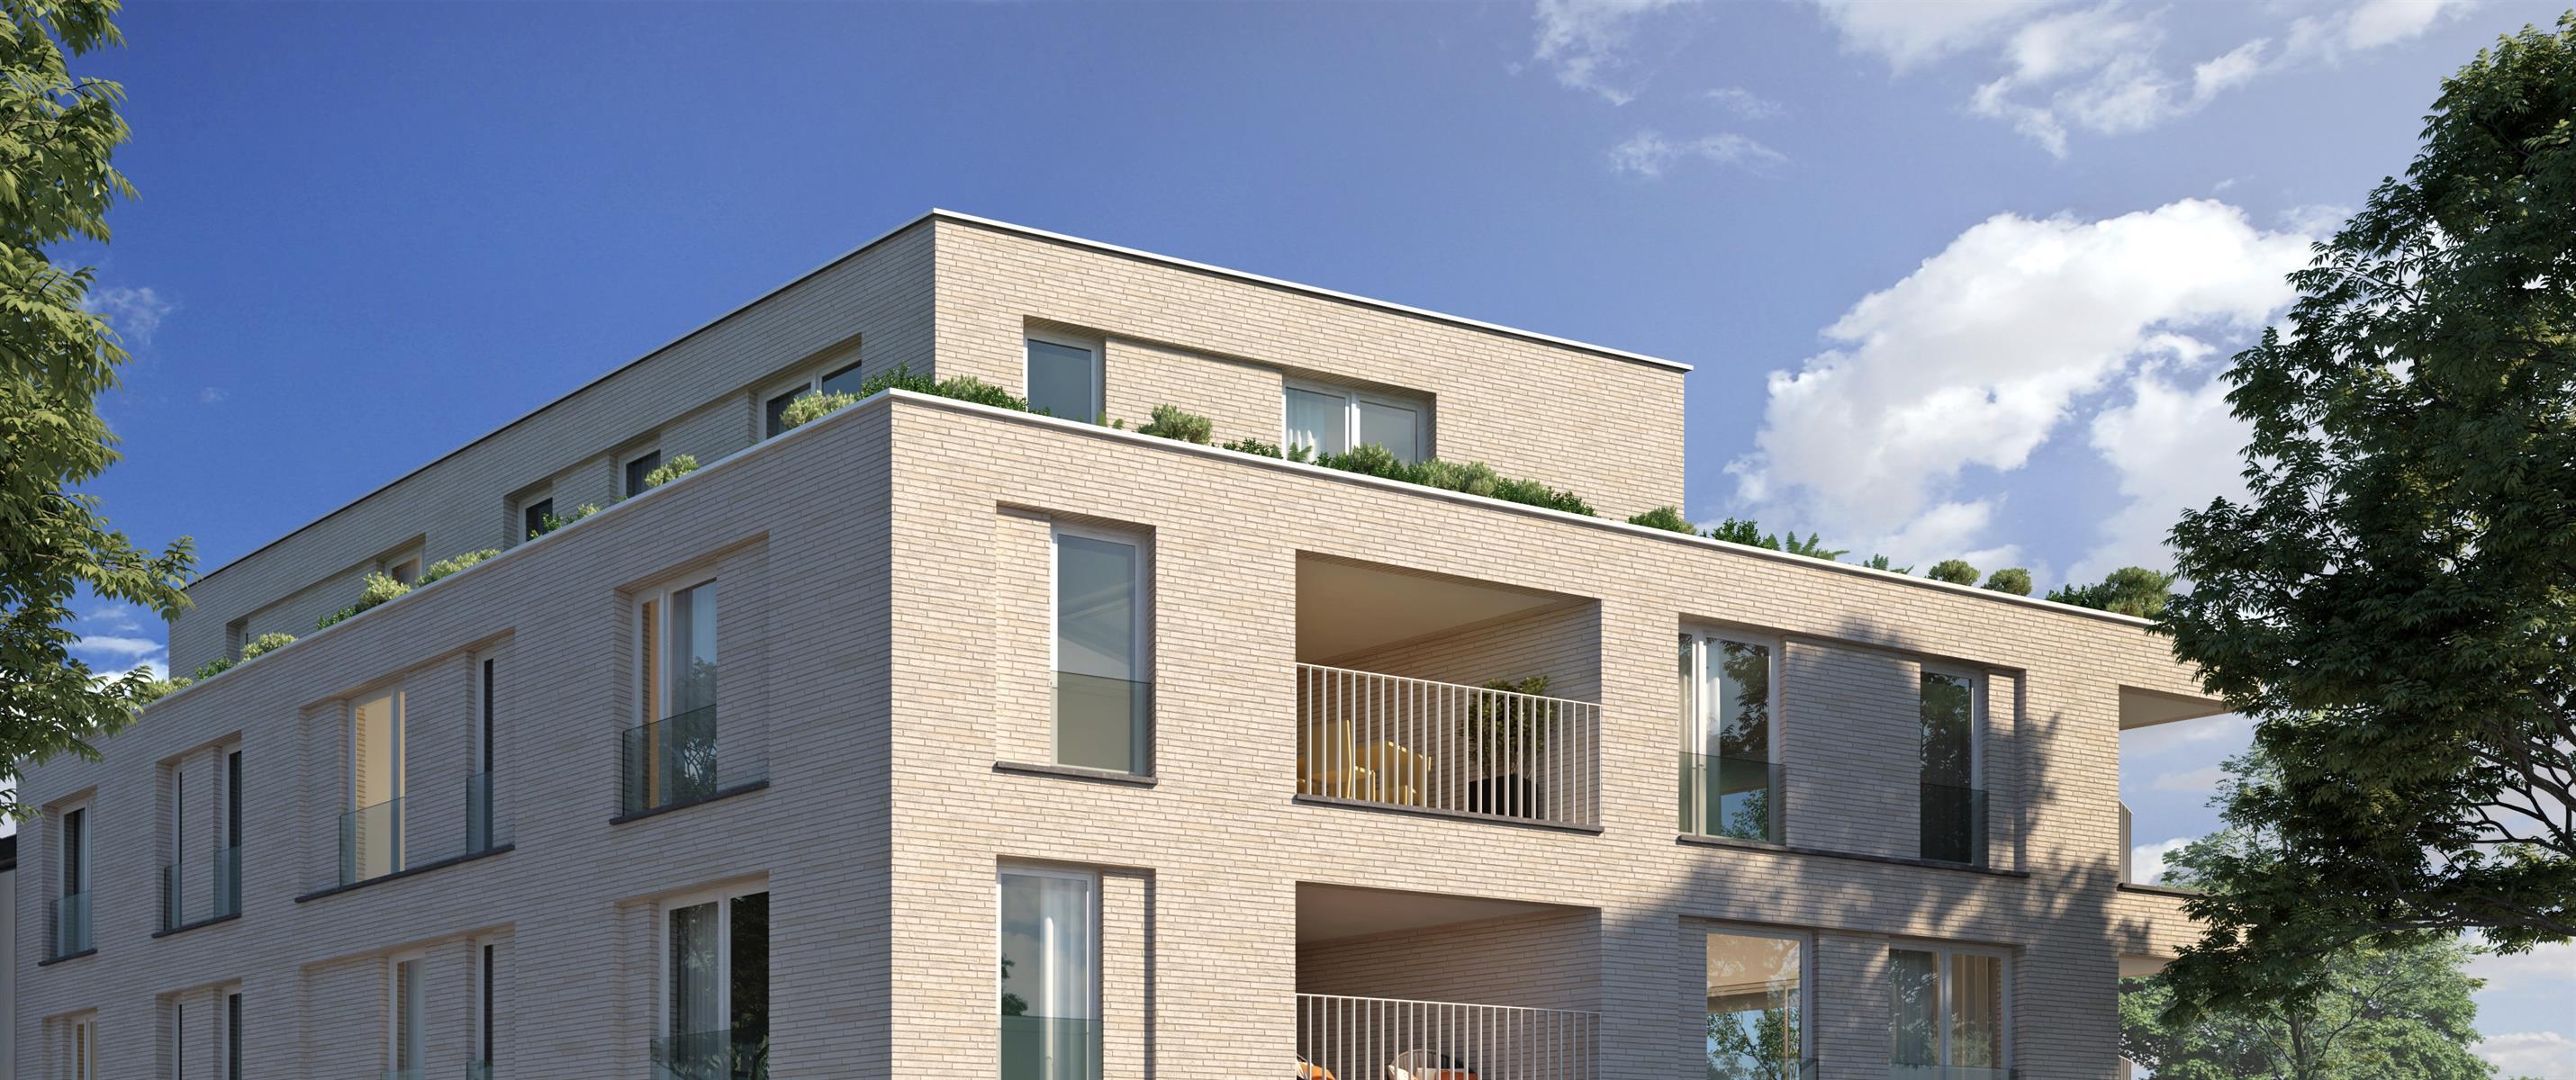 Te koop, Appartement, Gent, Josephus Appartement 0.1